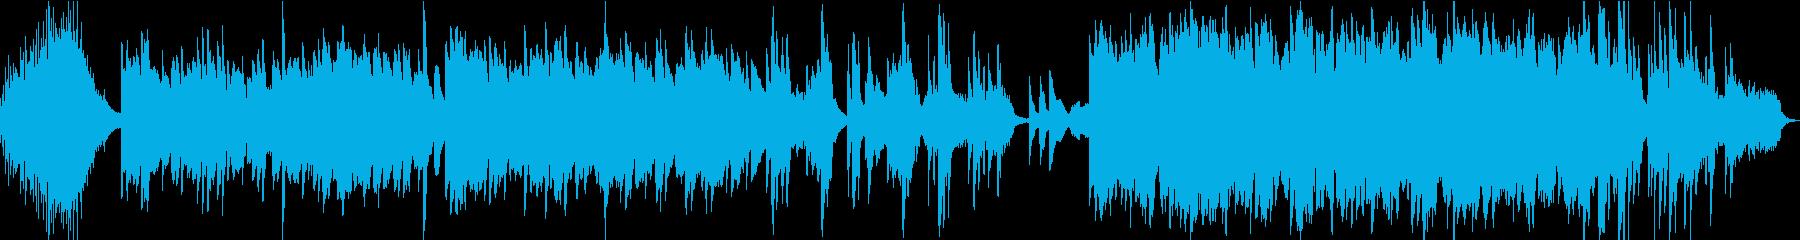 ヒーリング 感動 透明感 映像 CMにの再生済みの波形